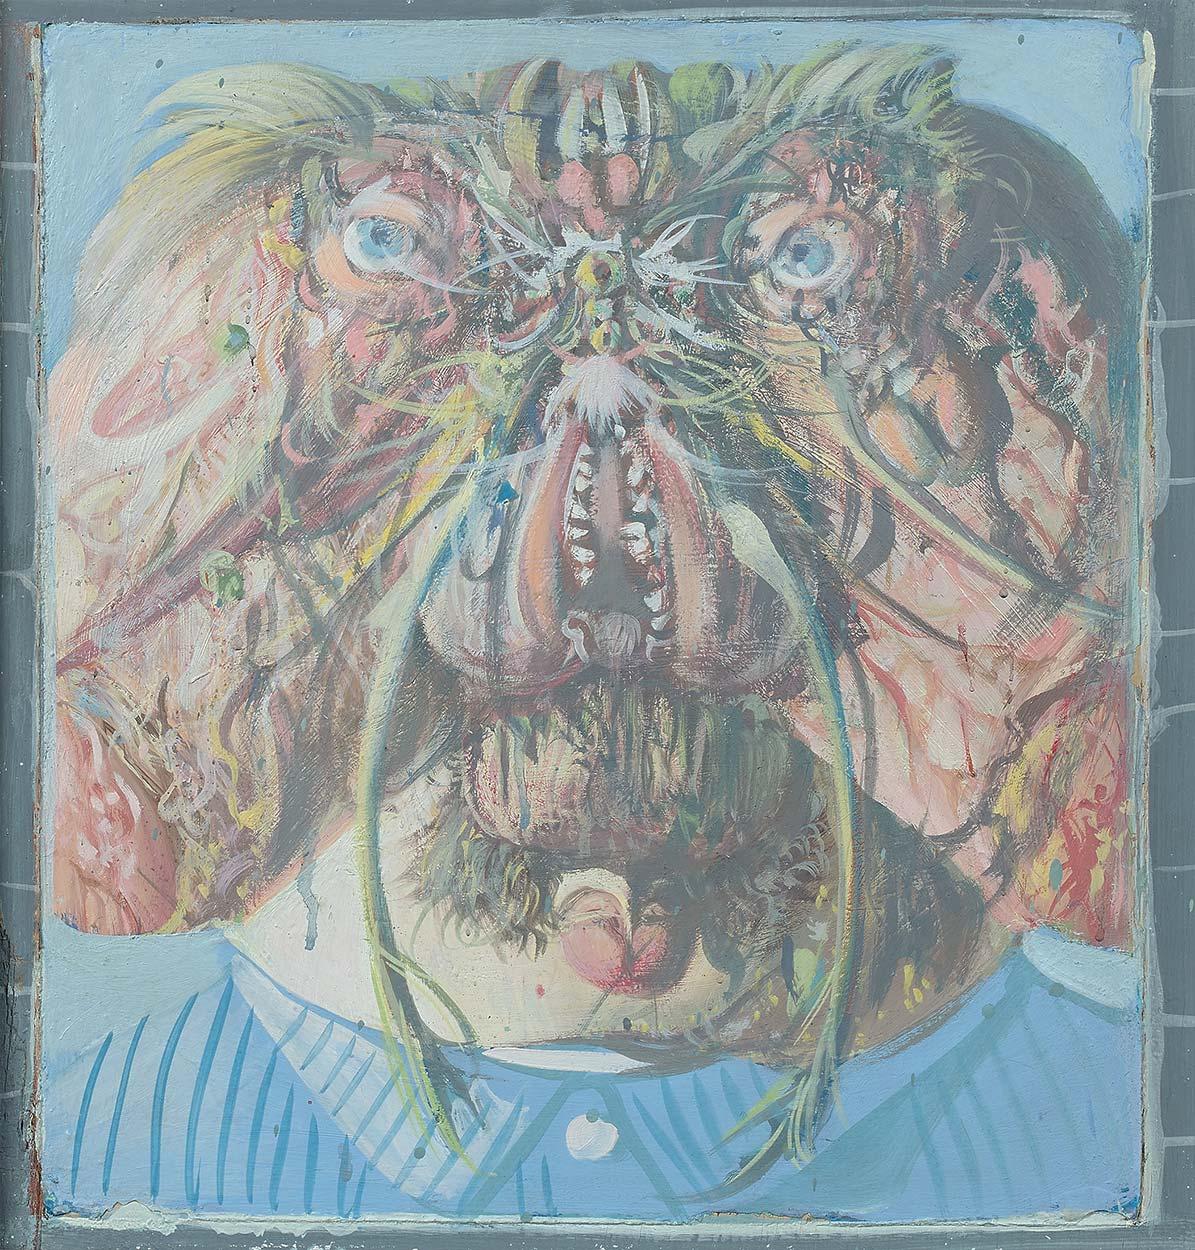 Dado: Untitled, 1969